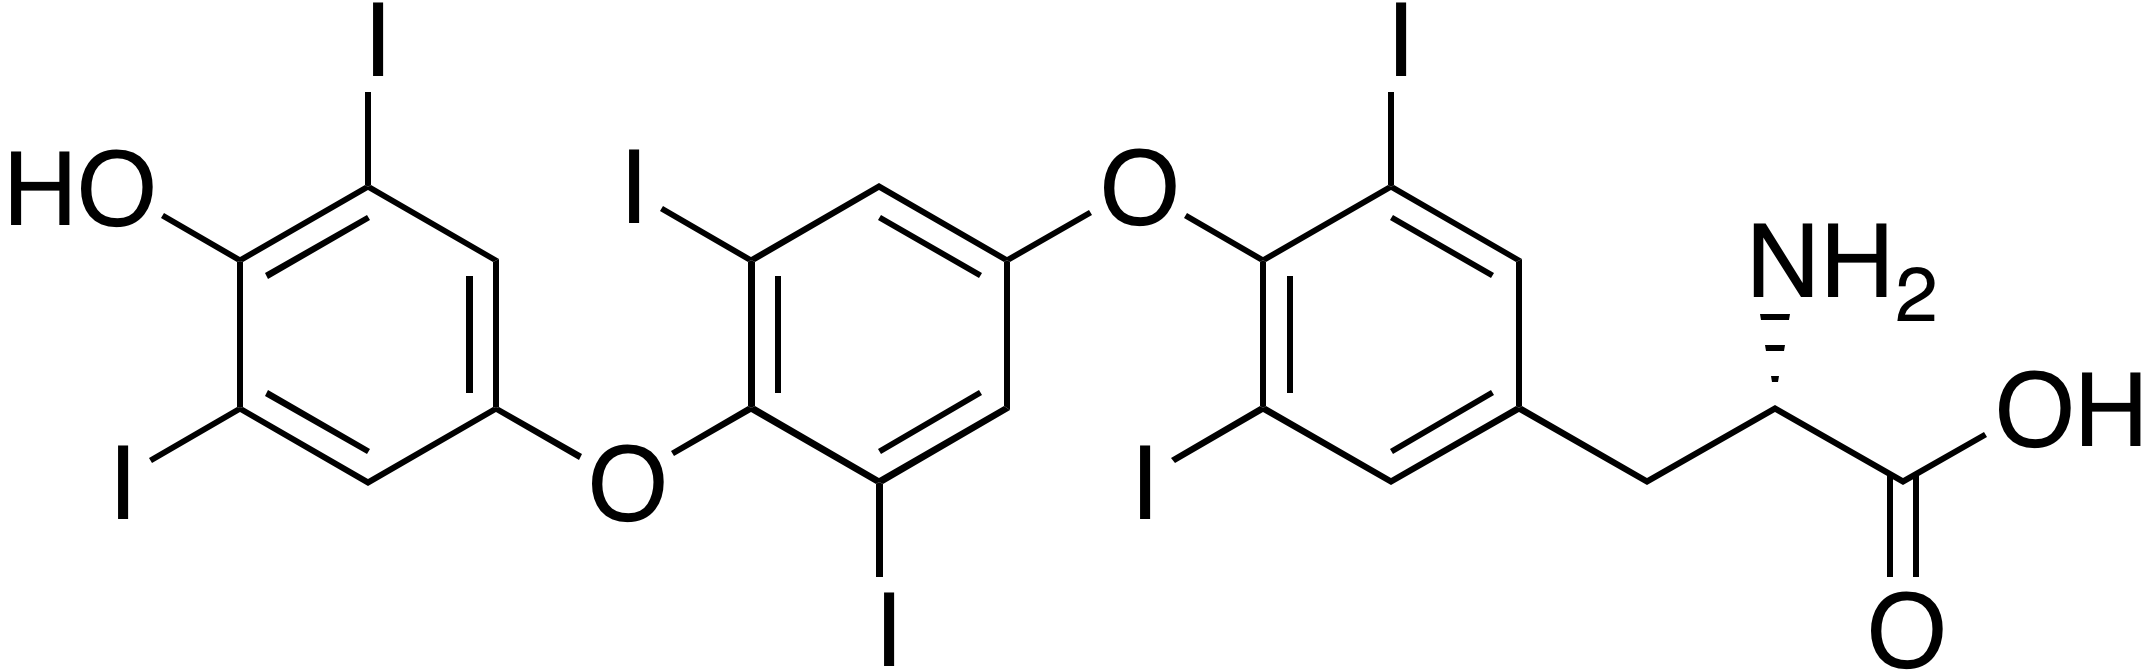 LevothyroxineEP impurity F